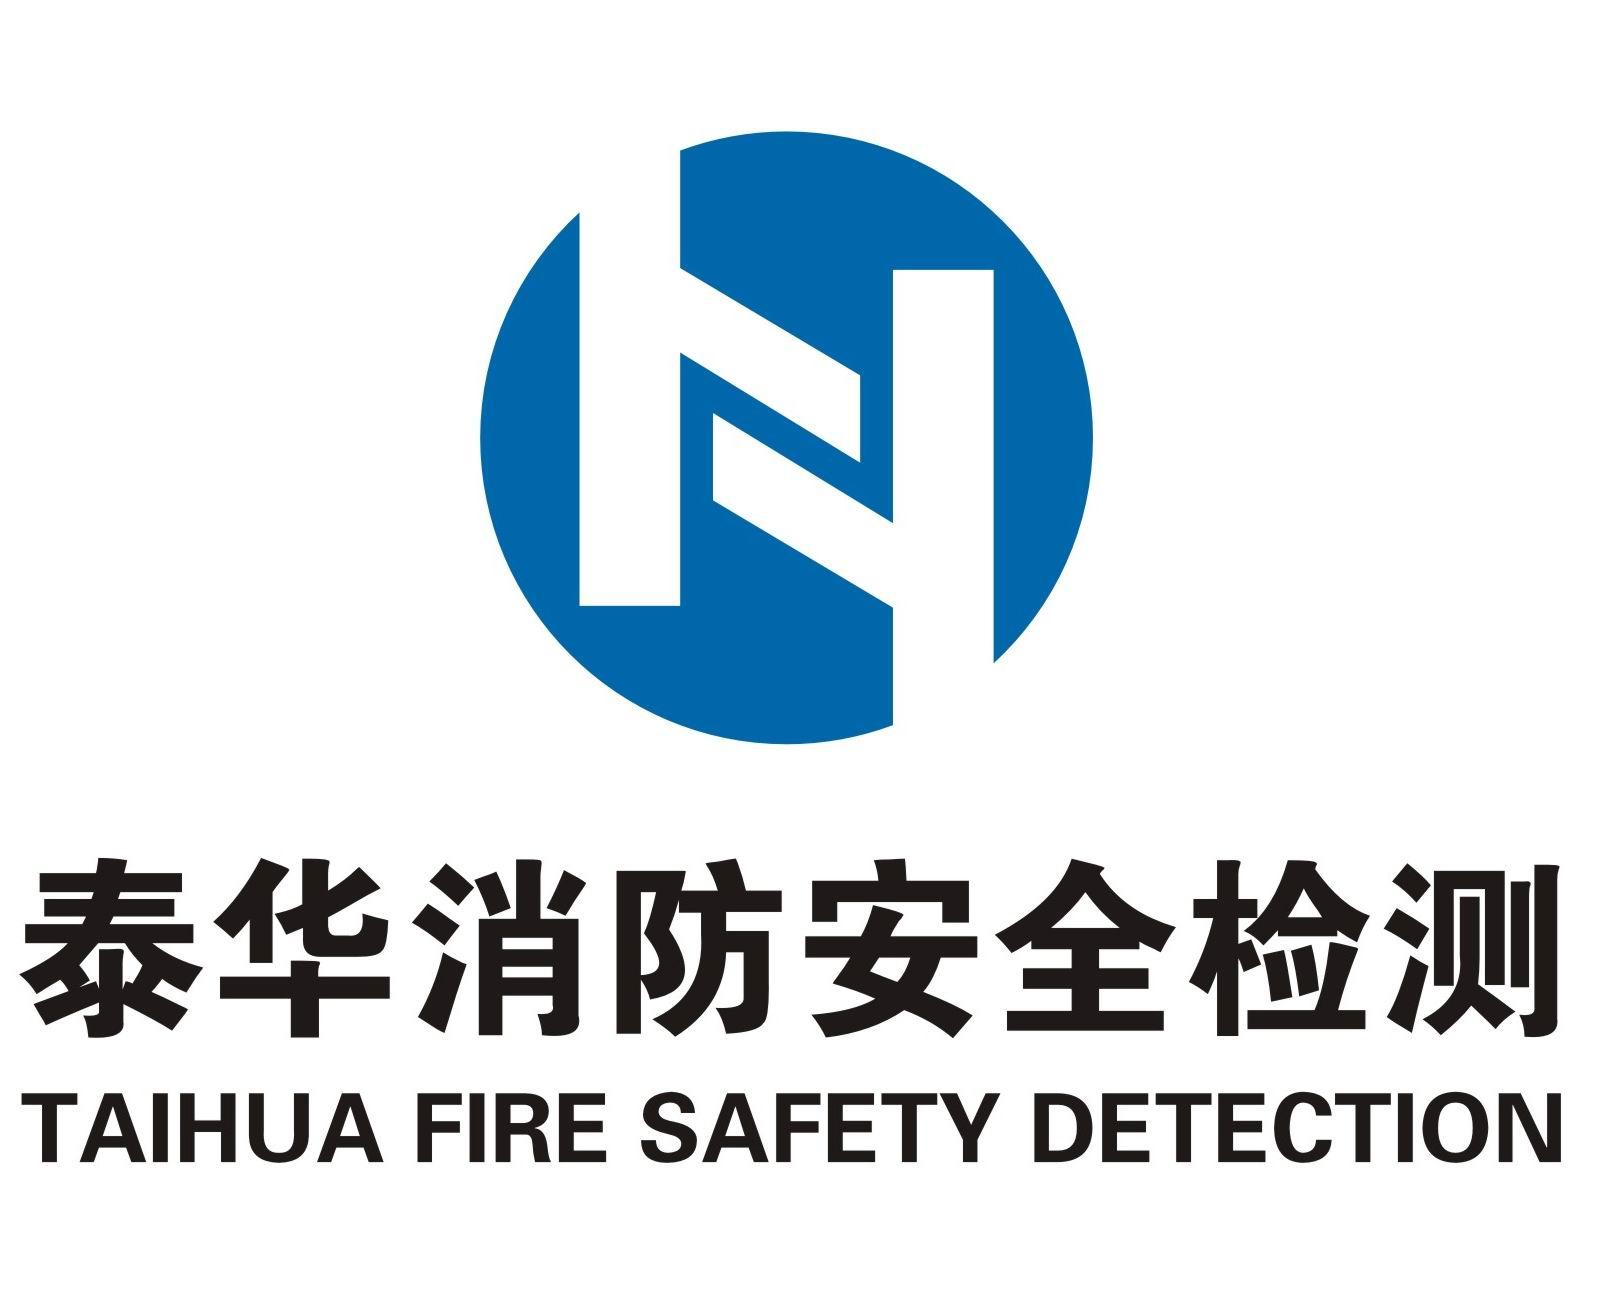 湖北泰华消防安全检测有限公司